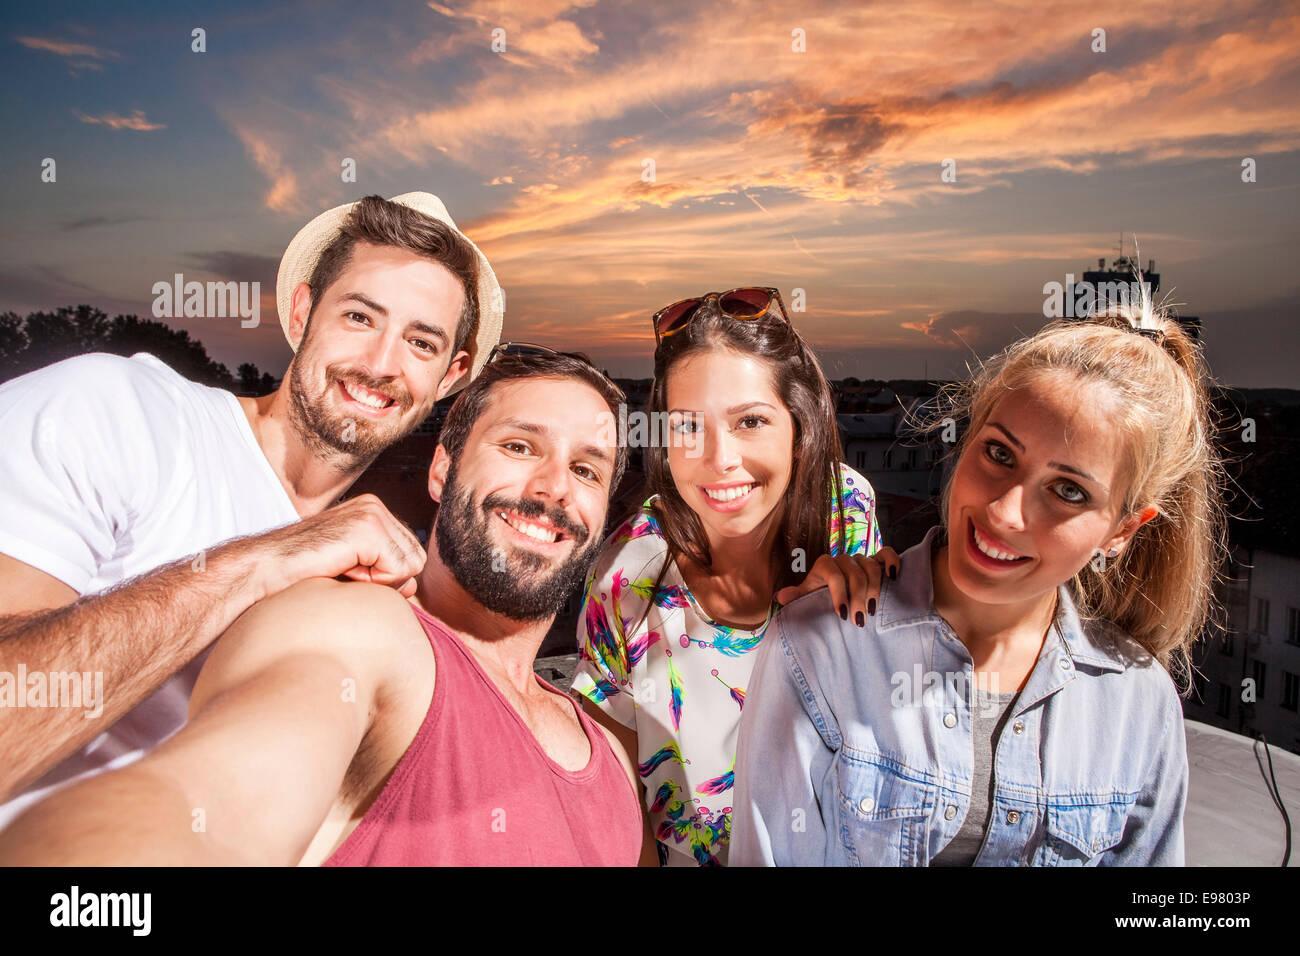 Junge Menschen, die Spaß an der Party auf dem Dach Stockbild